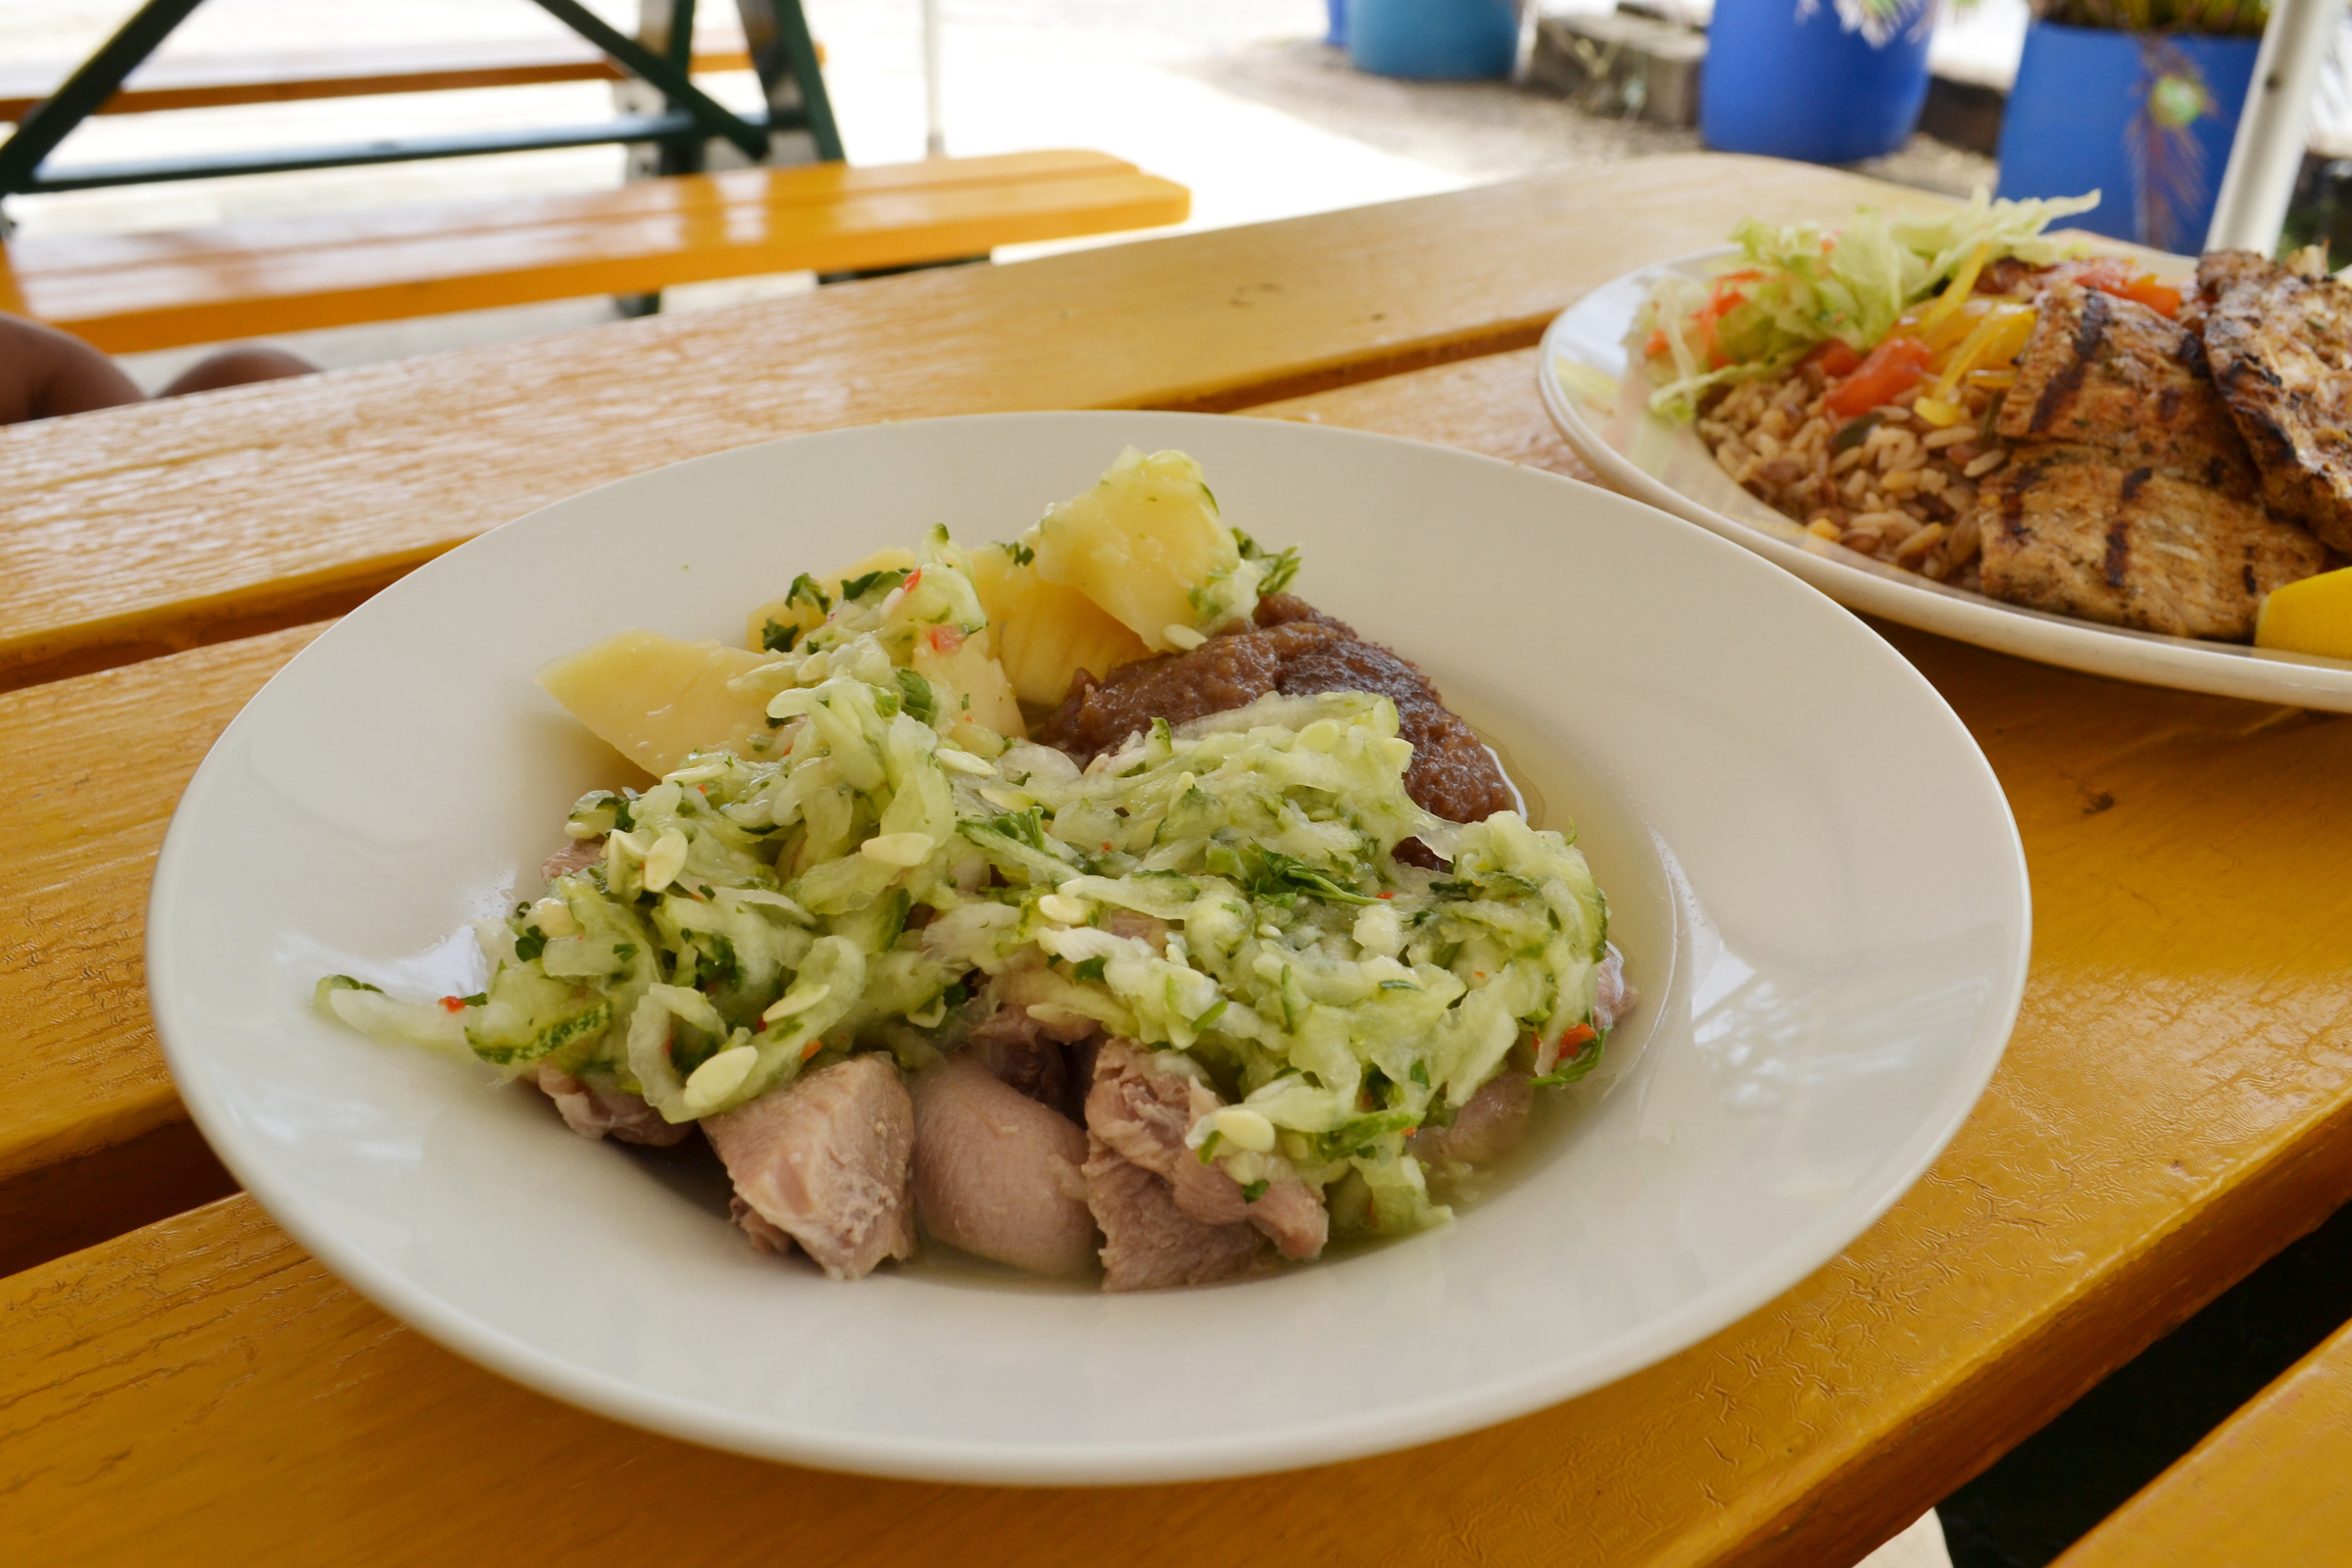 Pudding and Souse - Bajan Food